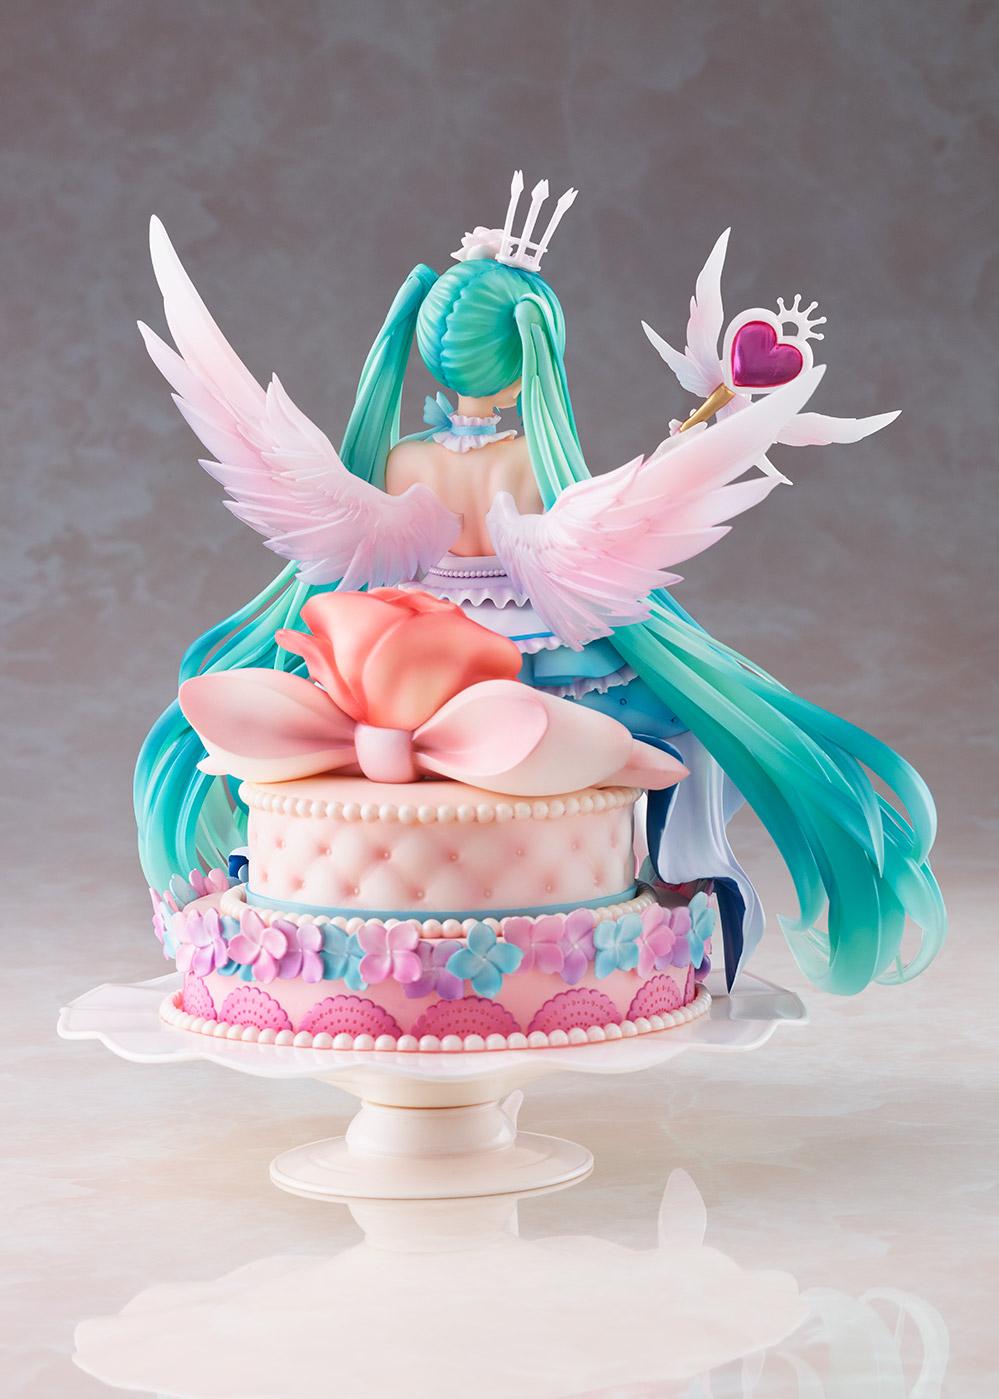 【限定販売】初音ミク『Birthday 2020~Sweet Angel ver.~』1/7 完成品フィギュア-011